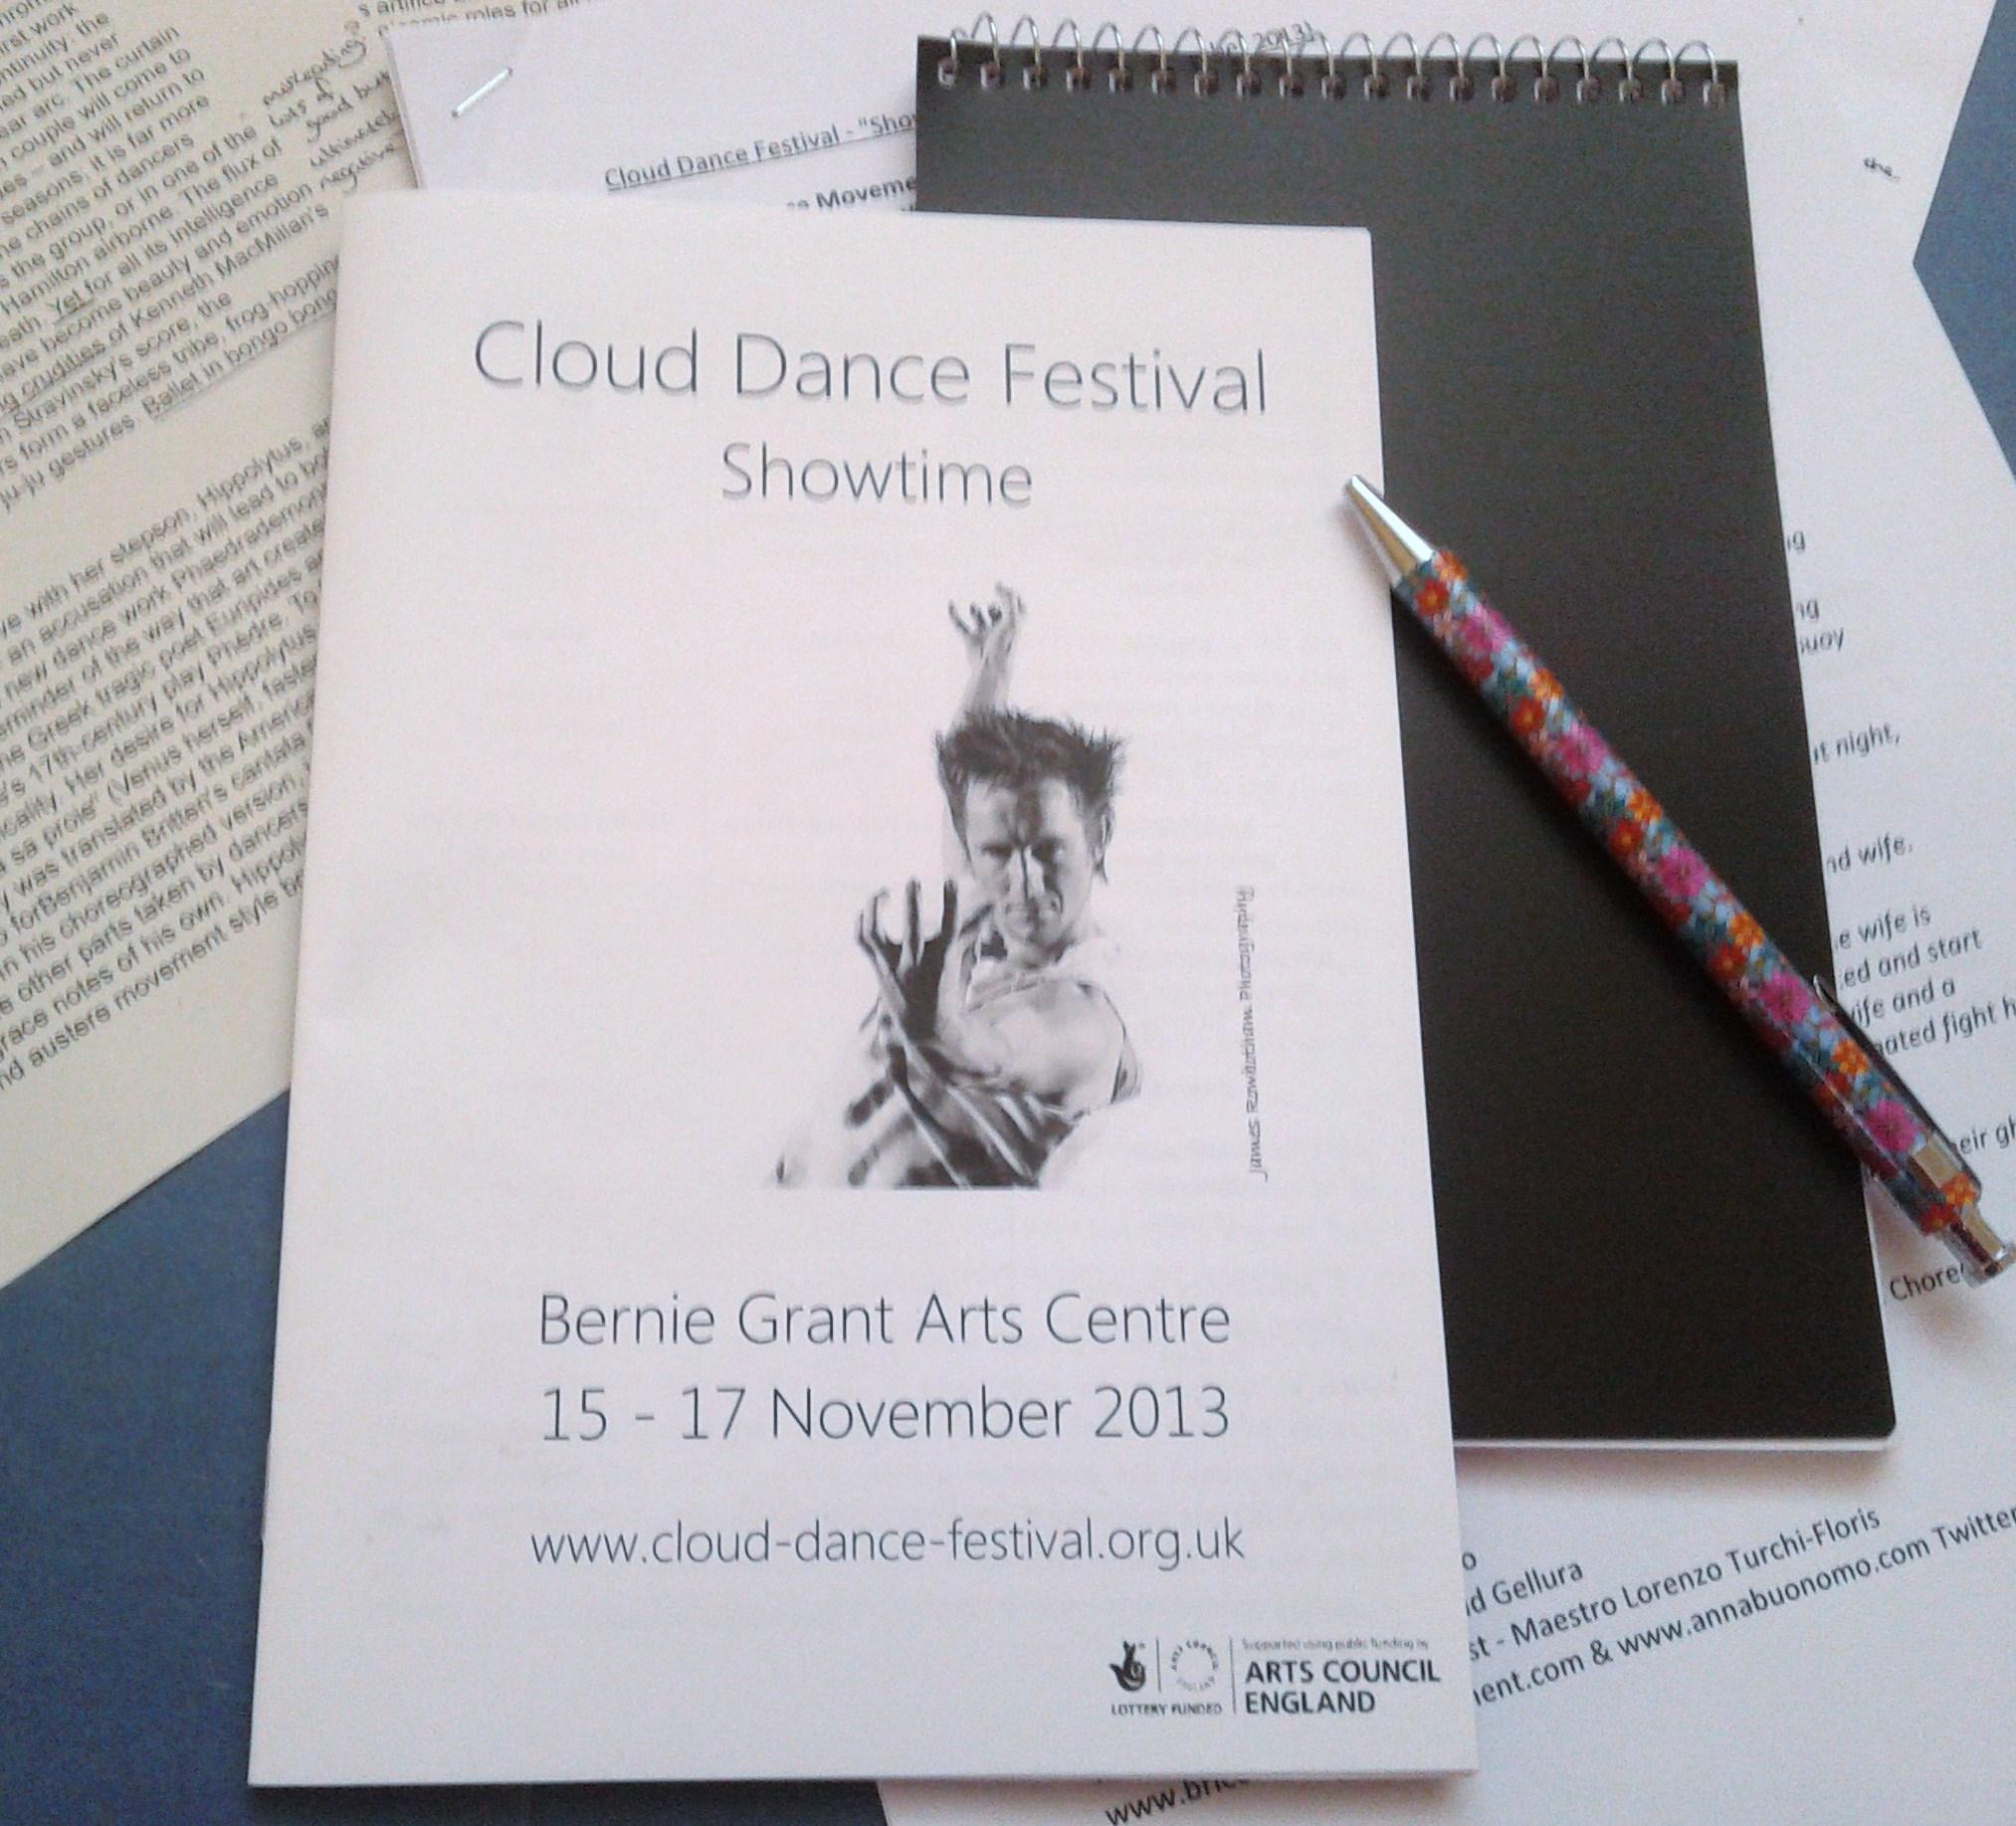 Cloud Dance Festival: Showtime